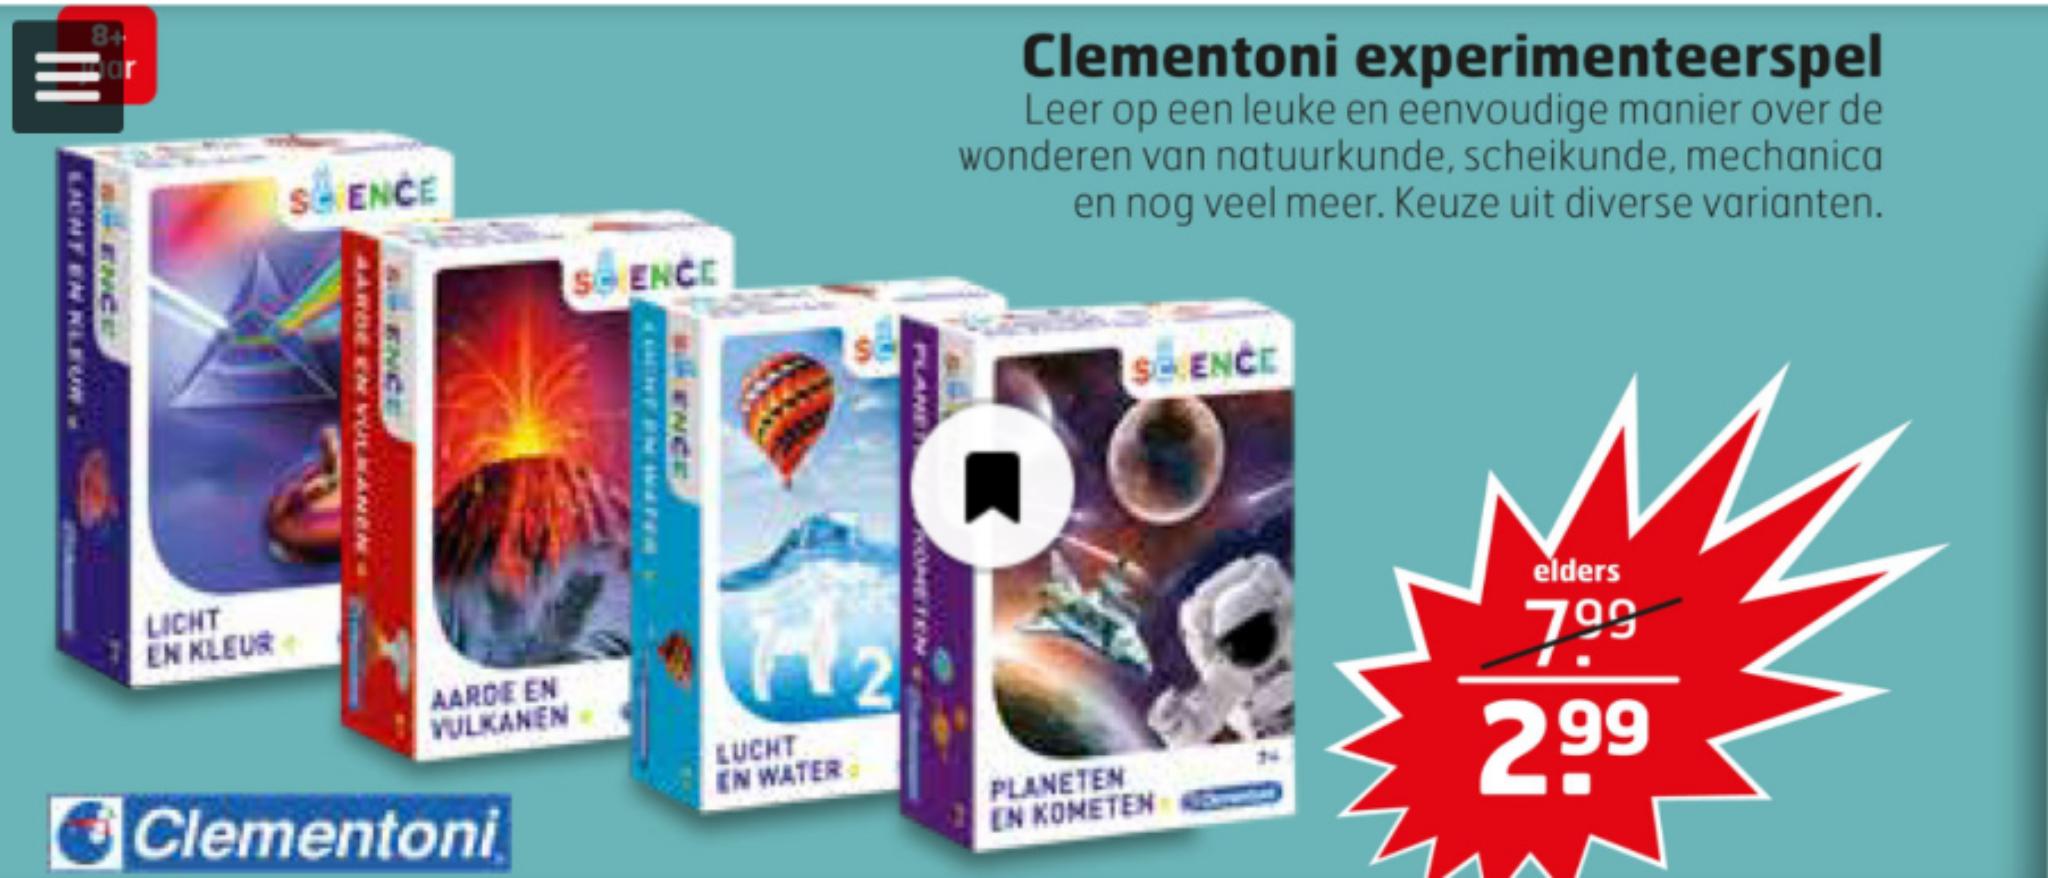 Clementoni Experimenteerspel bij Trekpleister